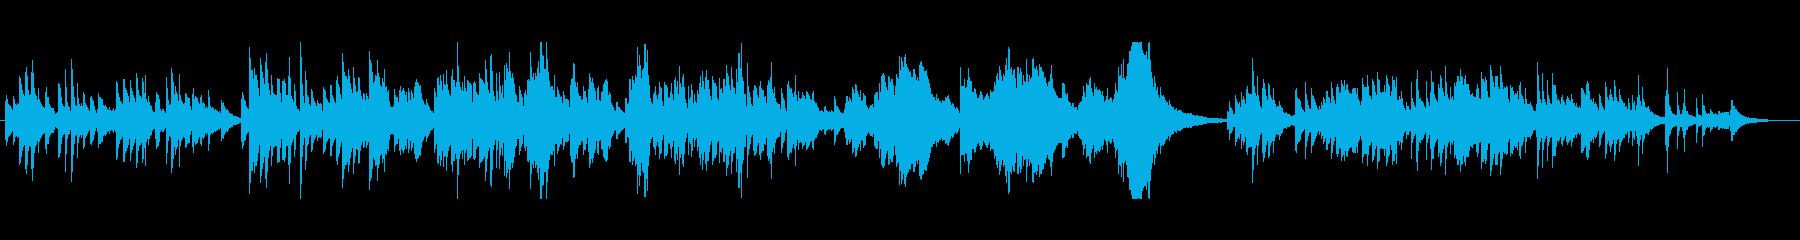 透き通る切なさの静かなピアノ生演奏の再生済みの波形